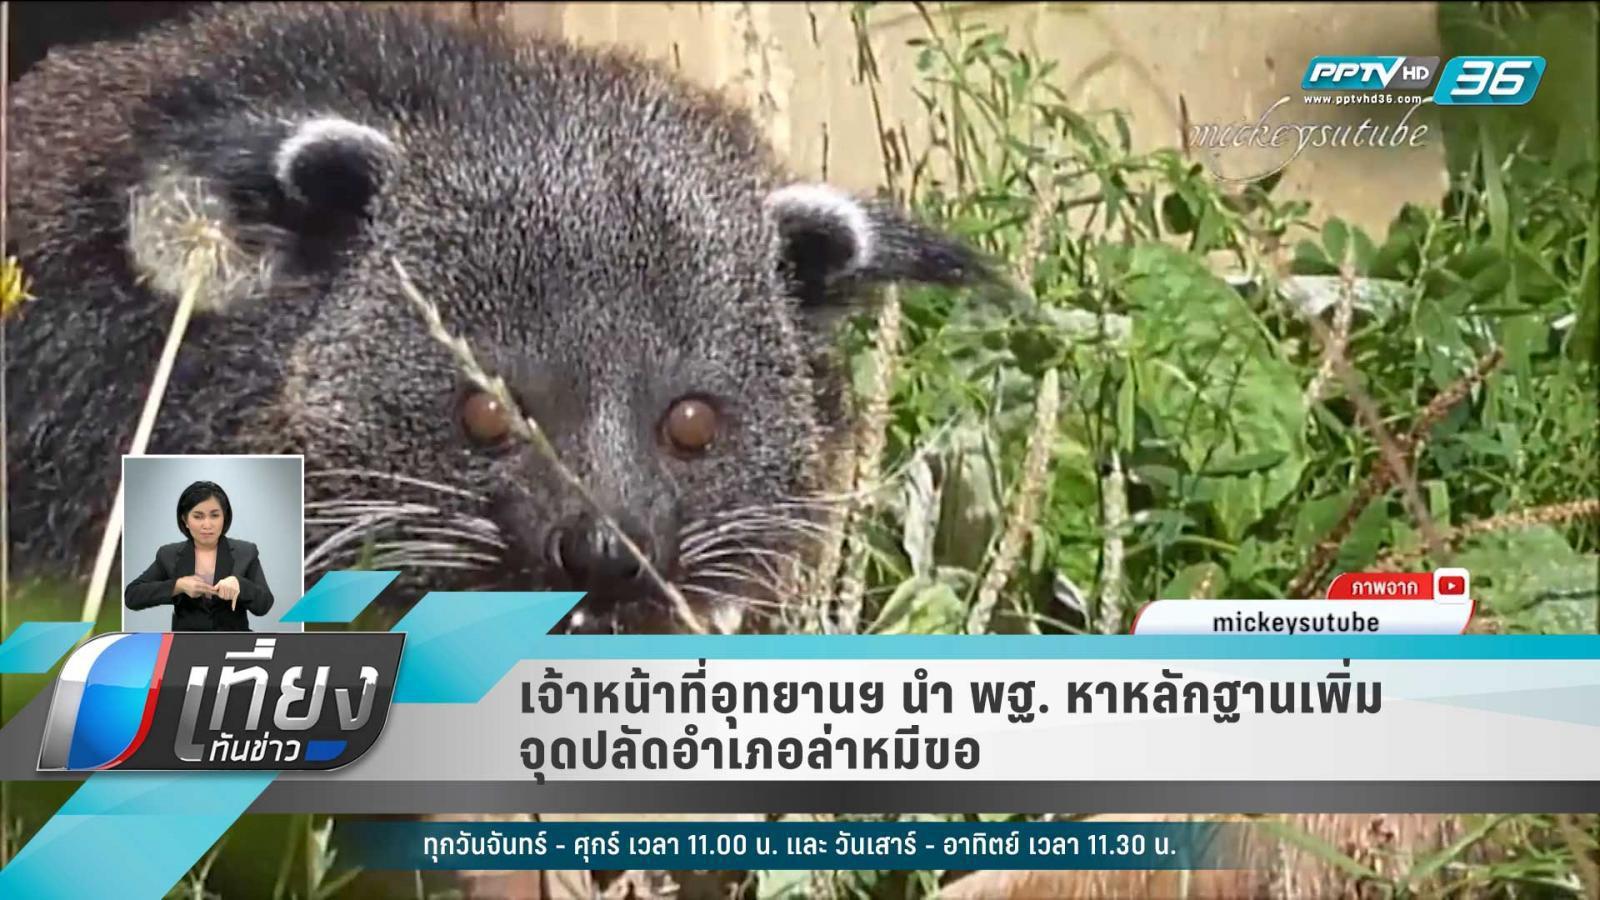 เจ้าหน้าที่อุทยานฯ นำ พฐ.หาหลักฐานเพิ่มเติมที่พักปลัดอำเภอล่าหมีขอ